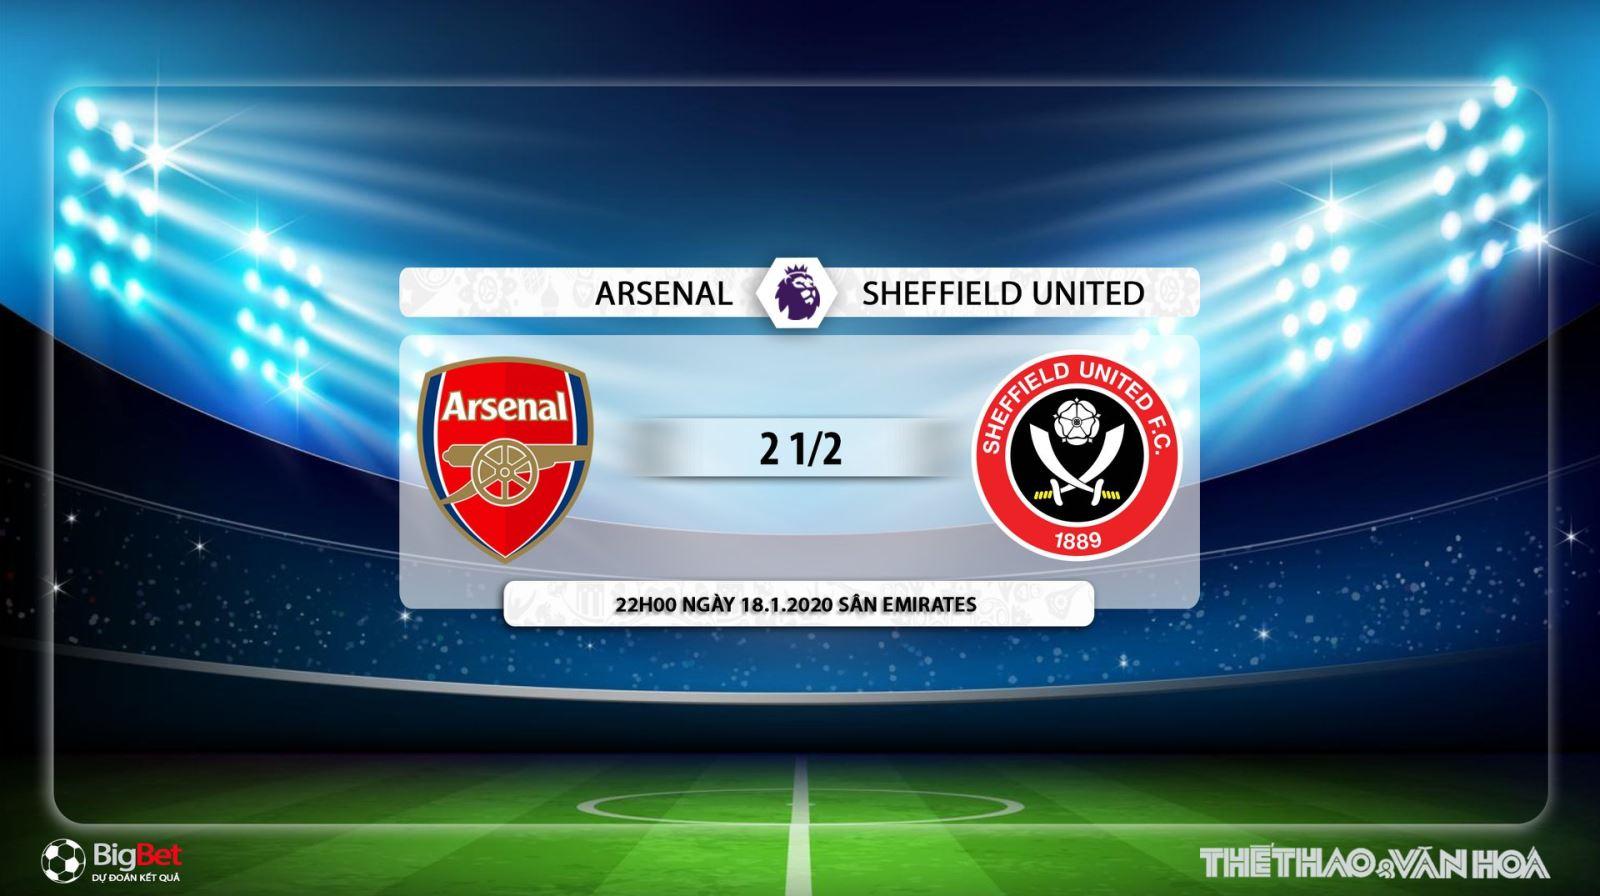 Kèo Arsenal đấu với Sheffield, truc tiep bong da hom nay, Arsenal vs Sheffield, trực tiếp bóng đá, xem bóng đá trực tuyến, K+, K+PM, bóng đá, ngoại hạng Anh, bong da